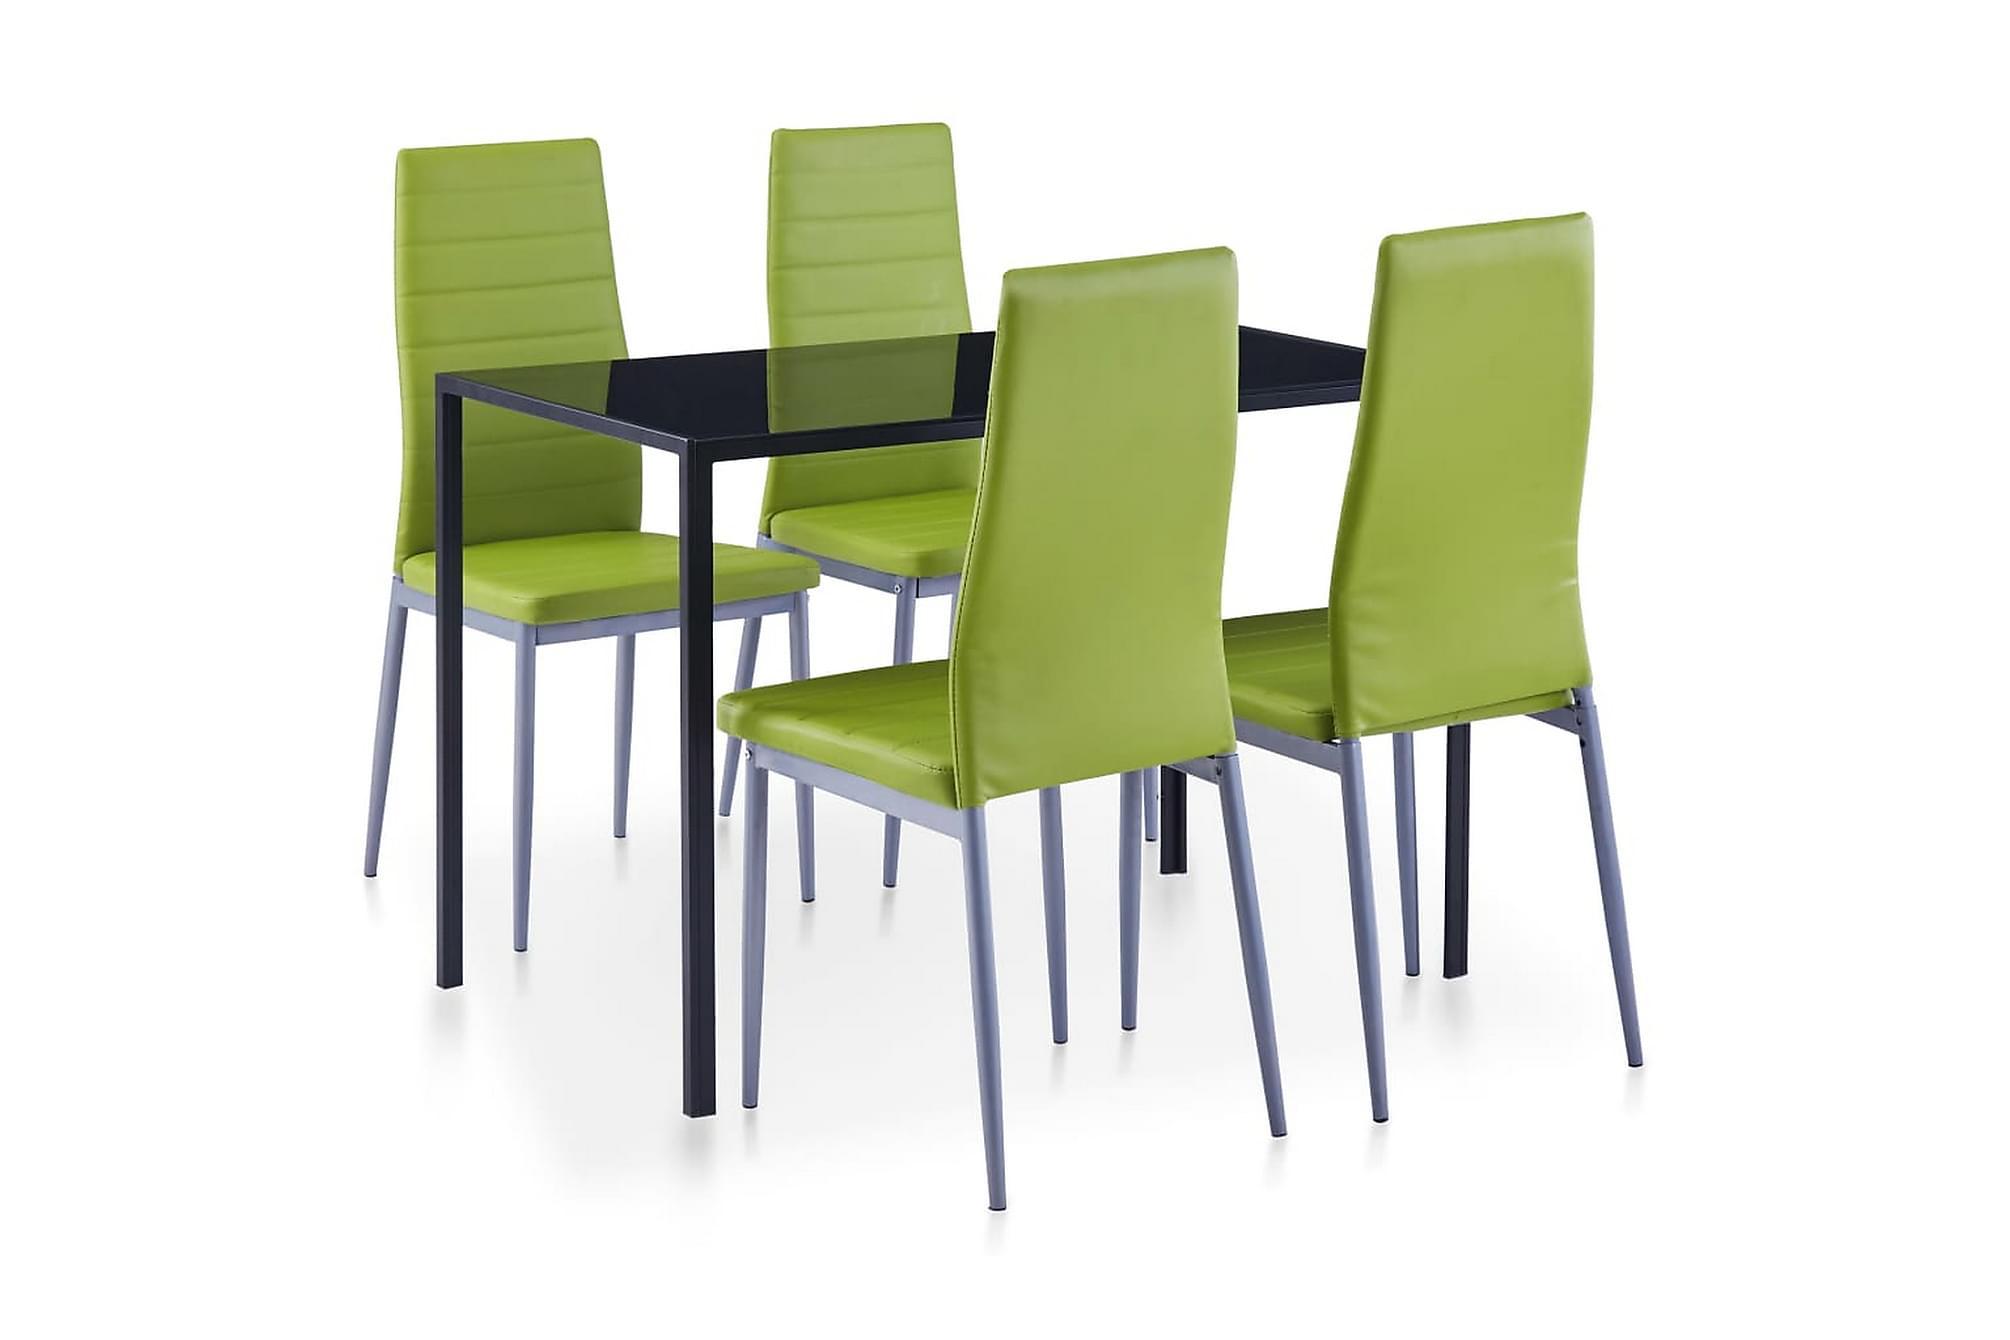 Matbord och stolar 5 delar grön